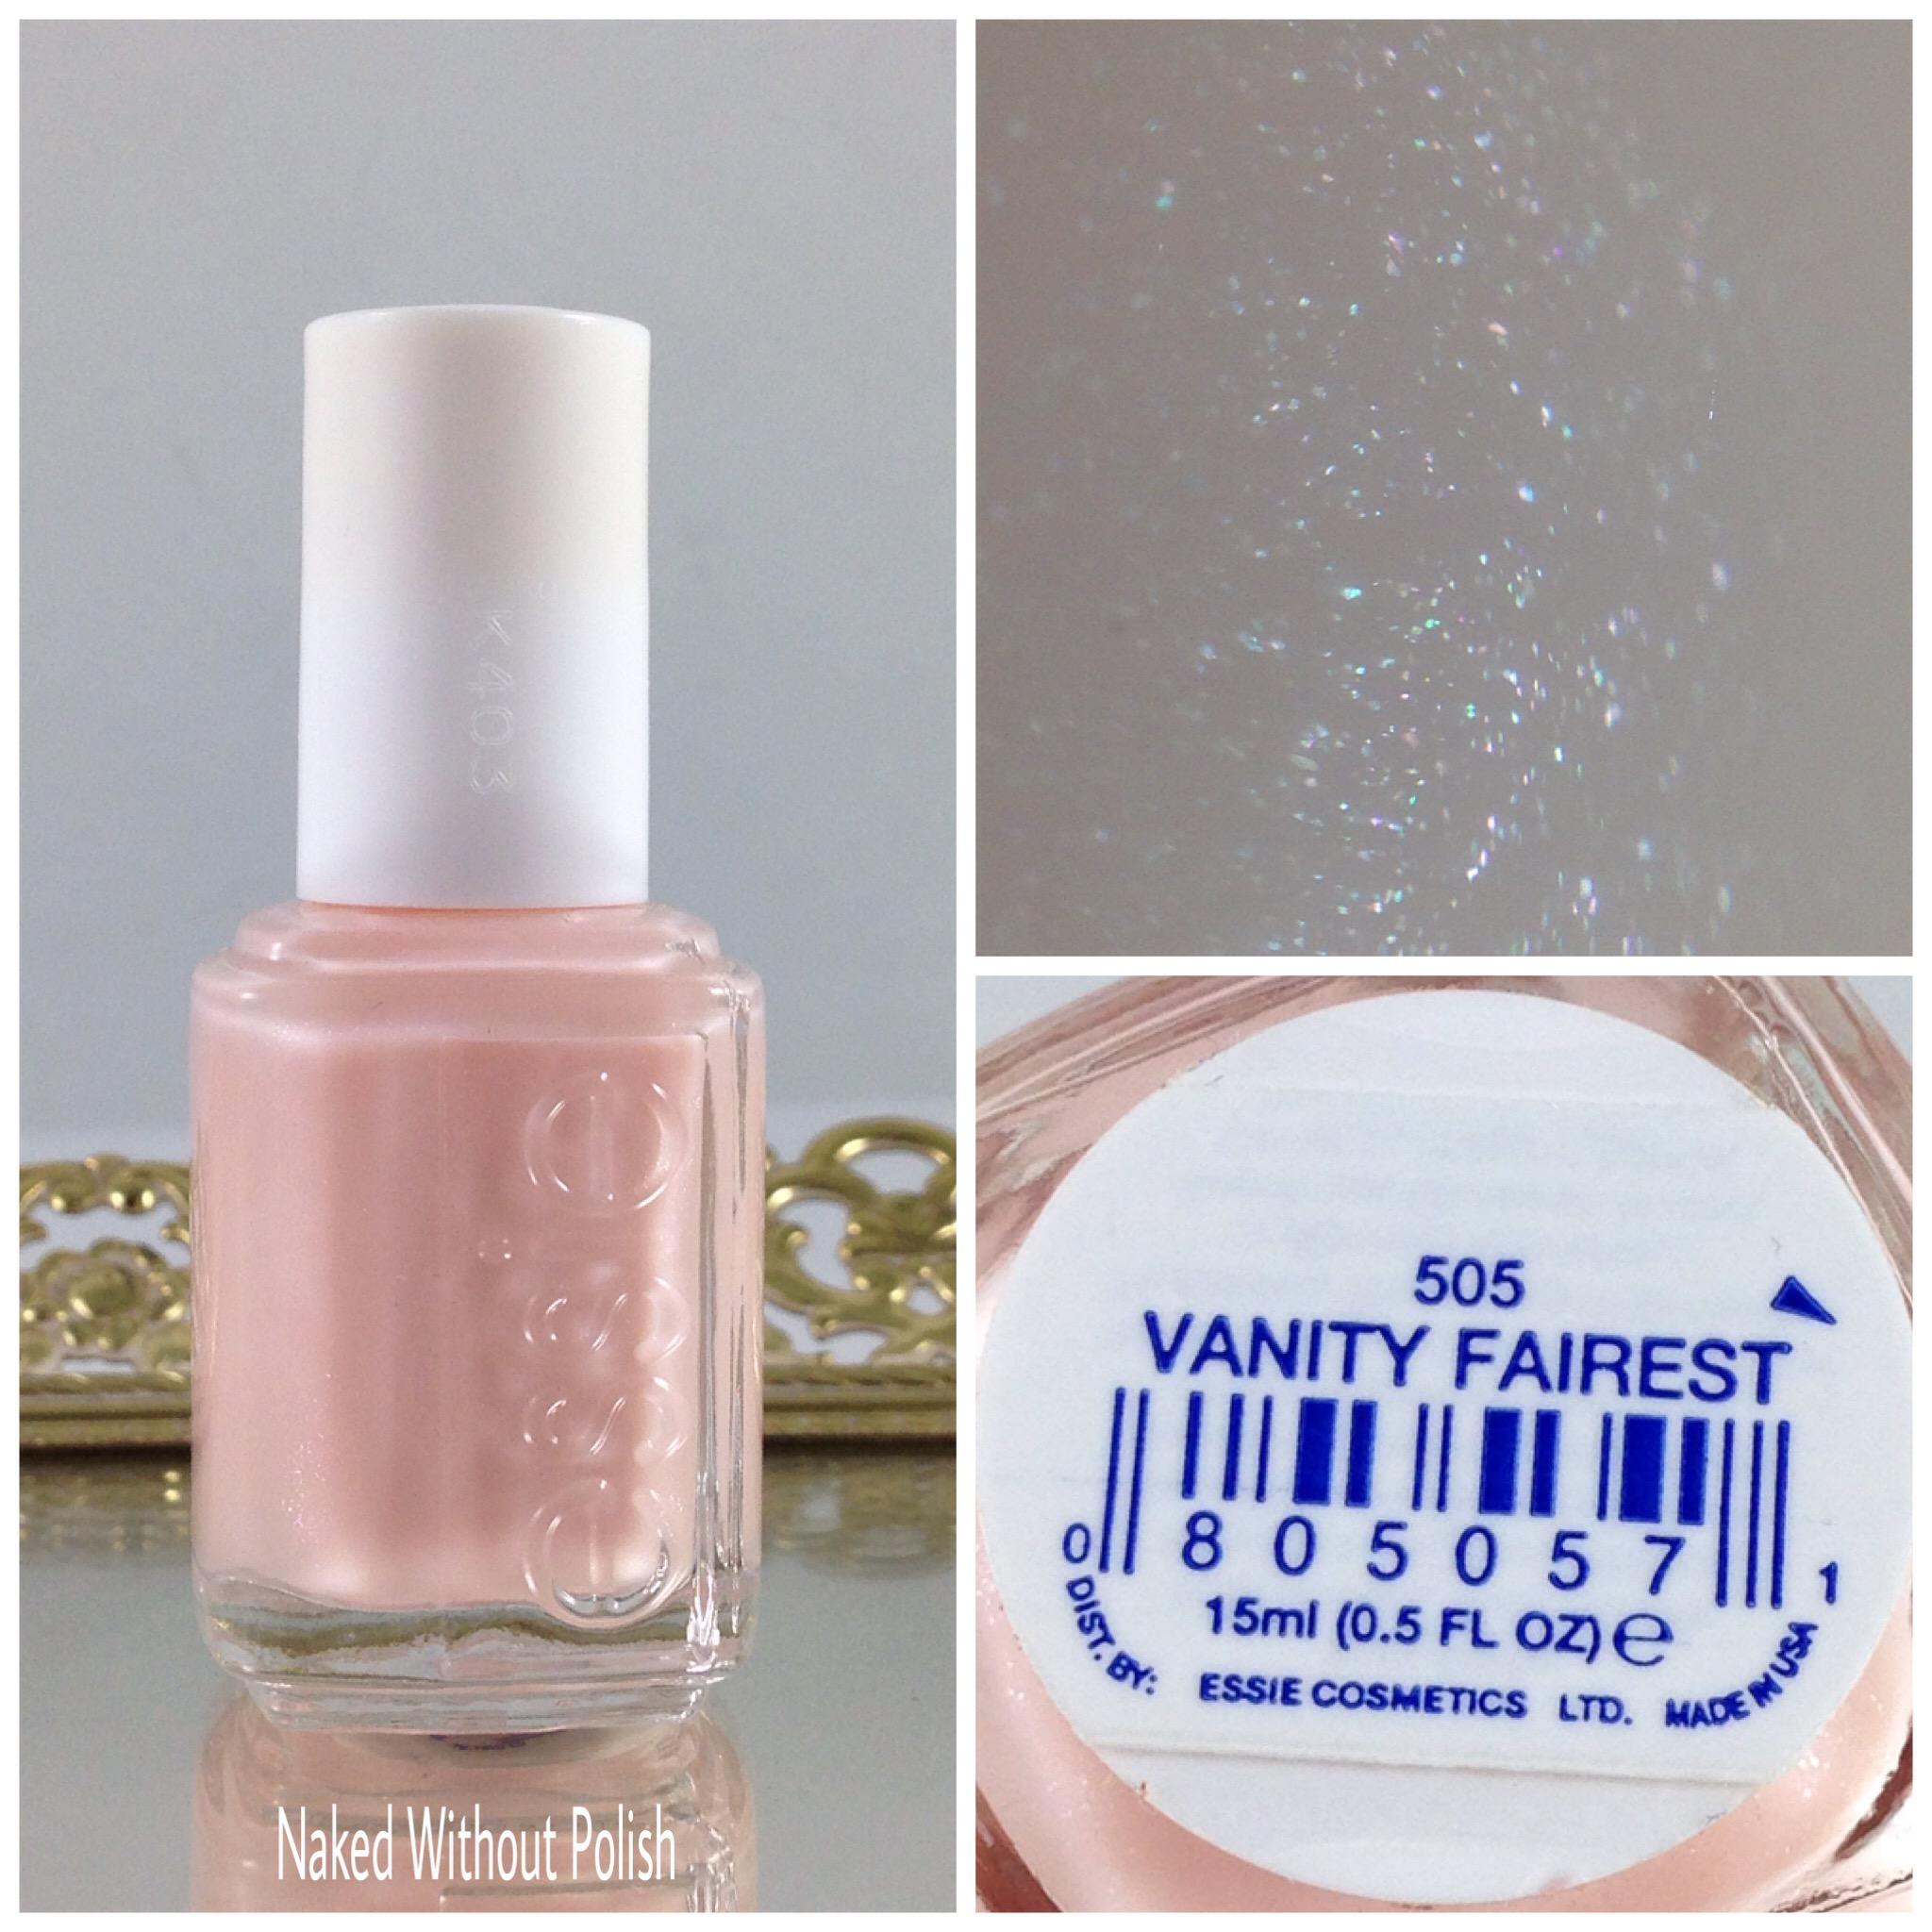 Essie-Preen-Me-Vanity-Fairest-1